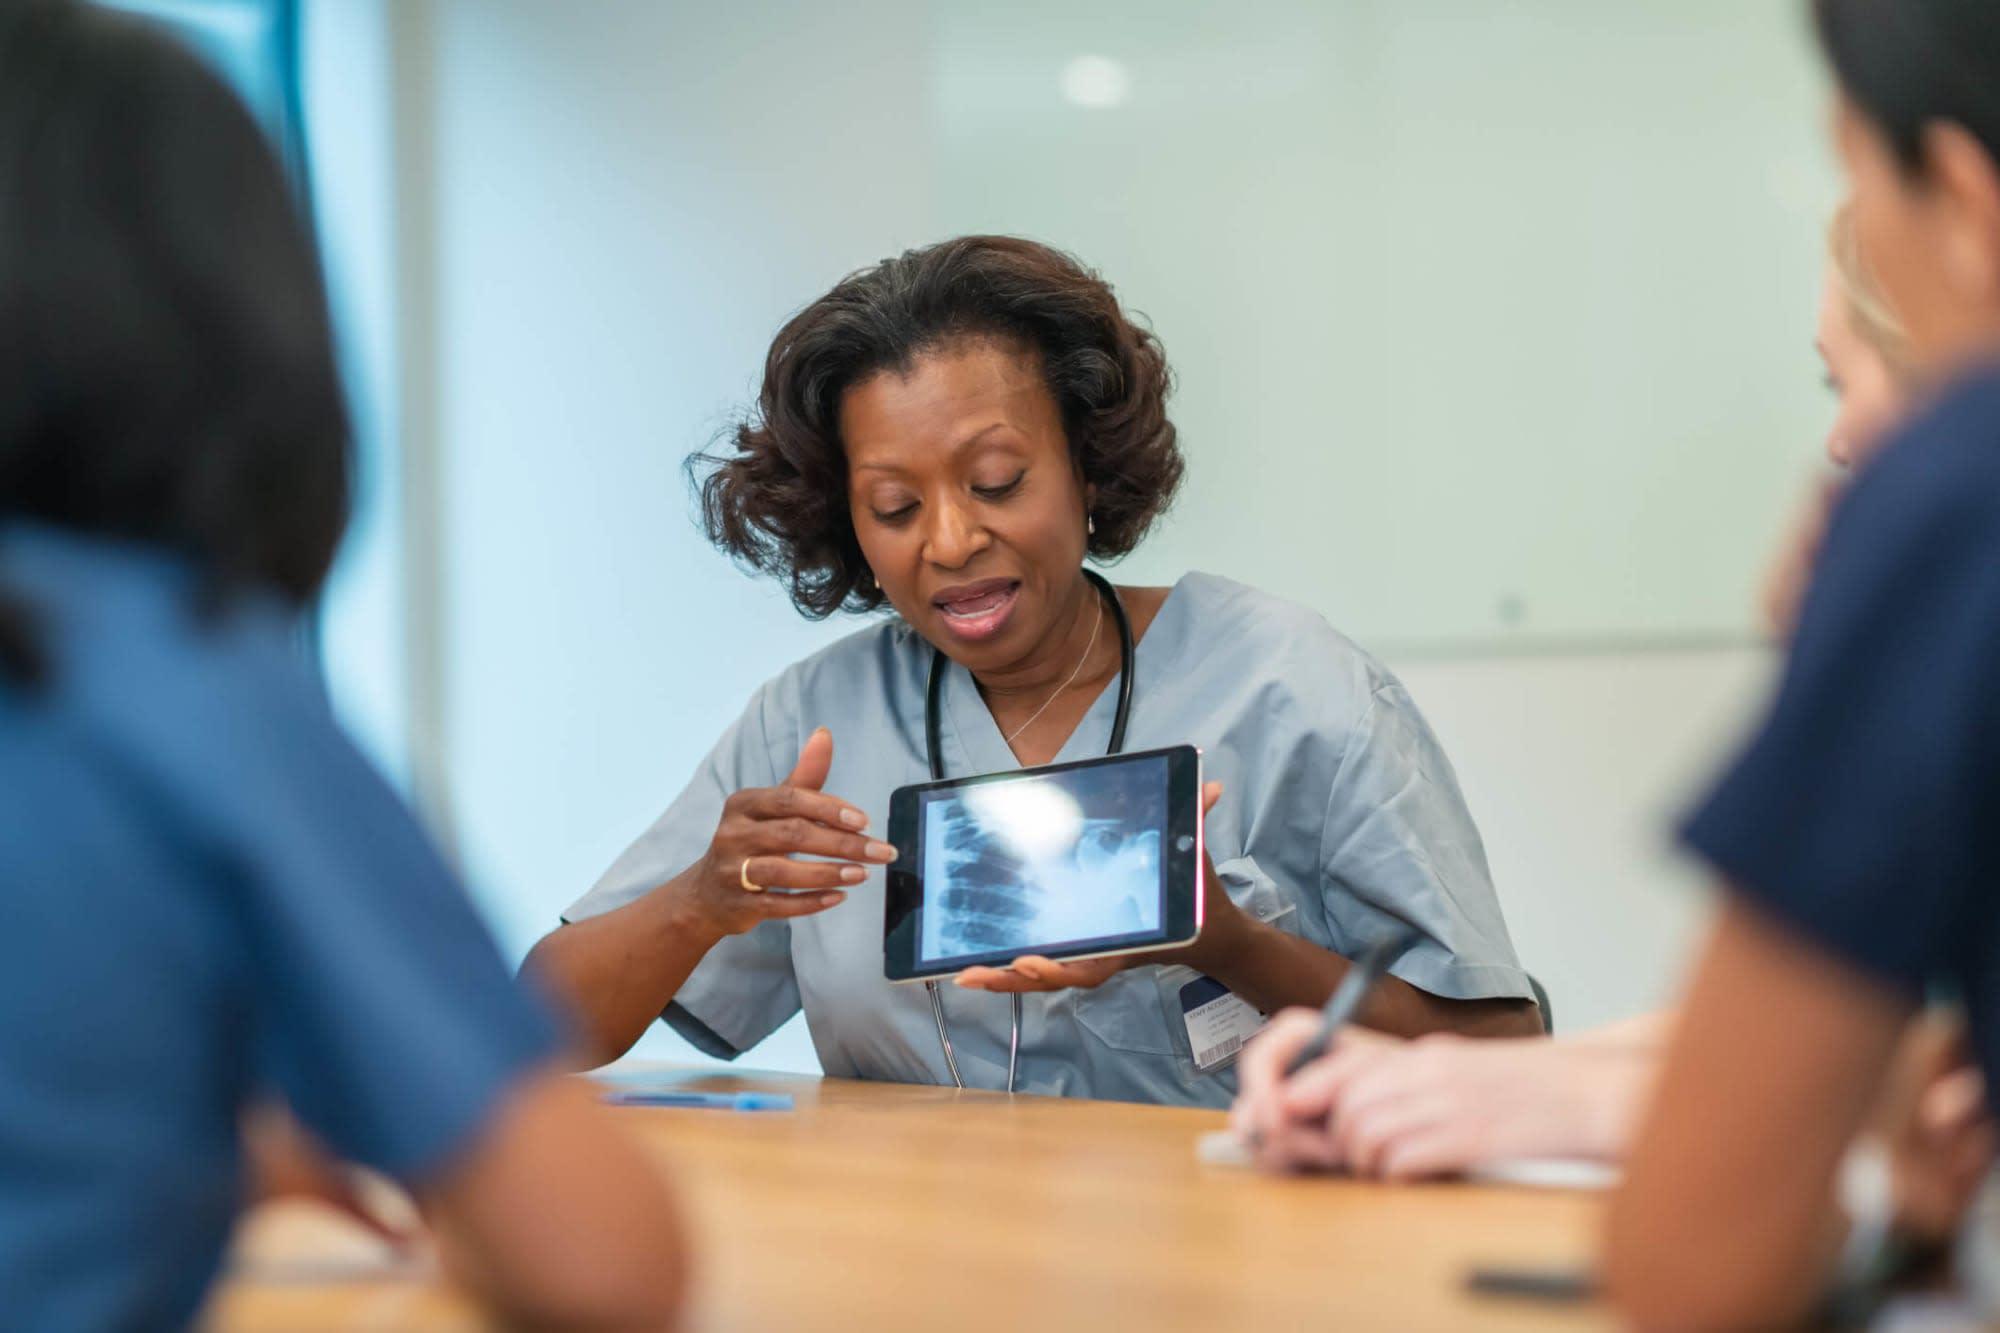 Nurse Researcher Career Overview